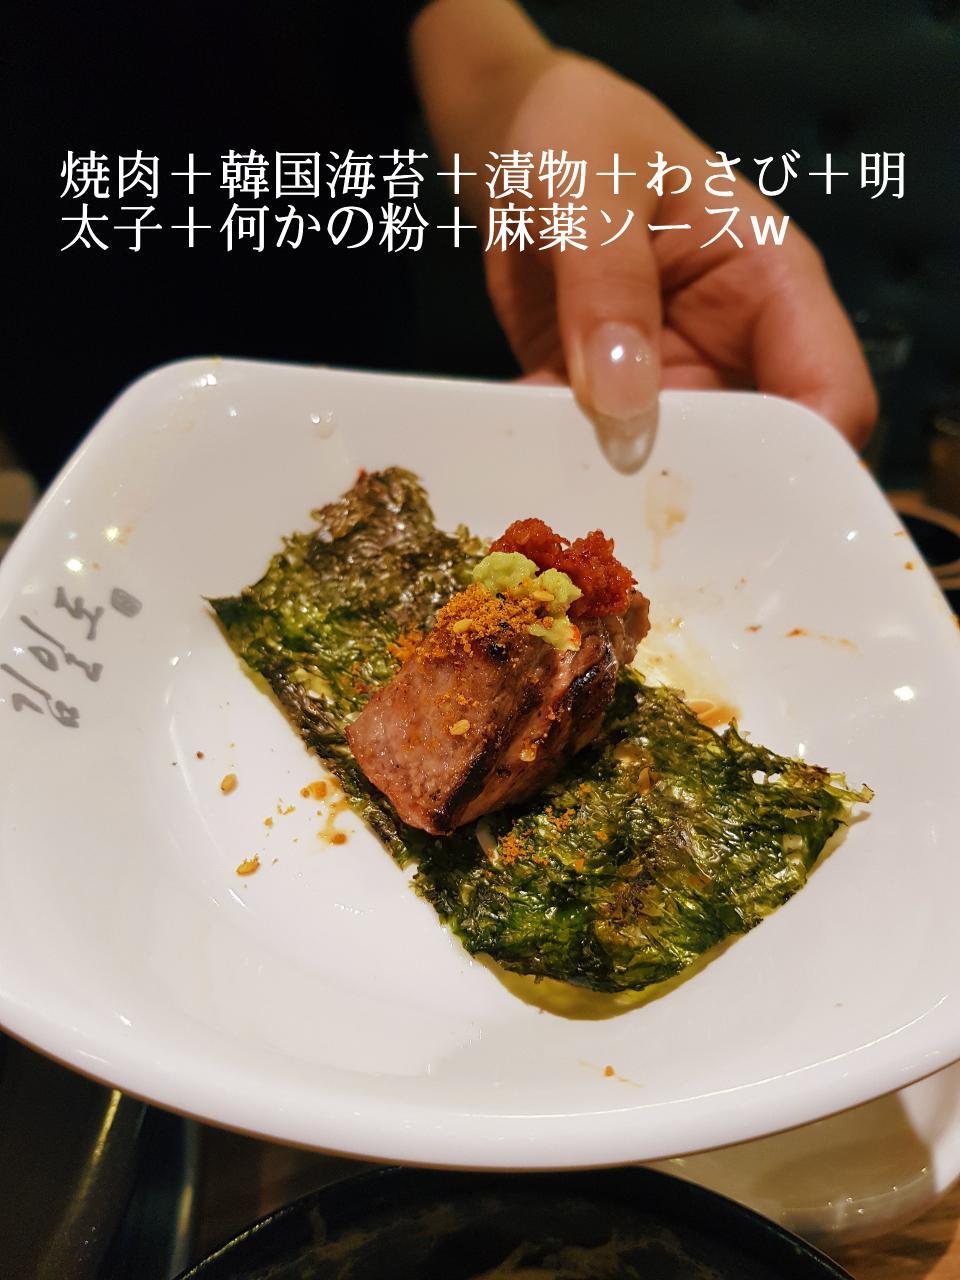 シンガポール韓国料理 韓国漬物 ハローアジア